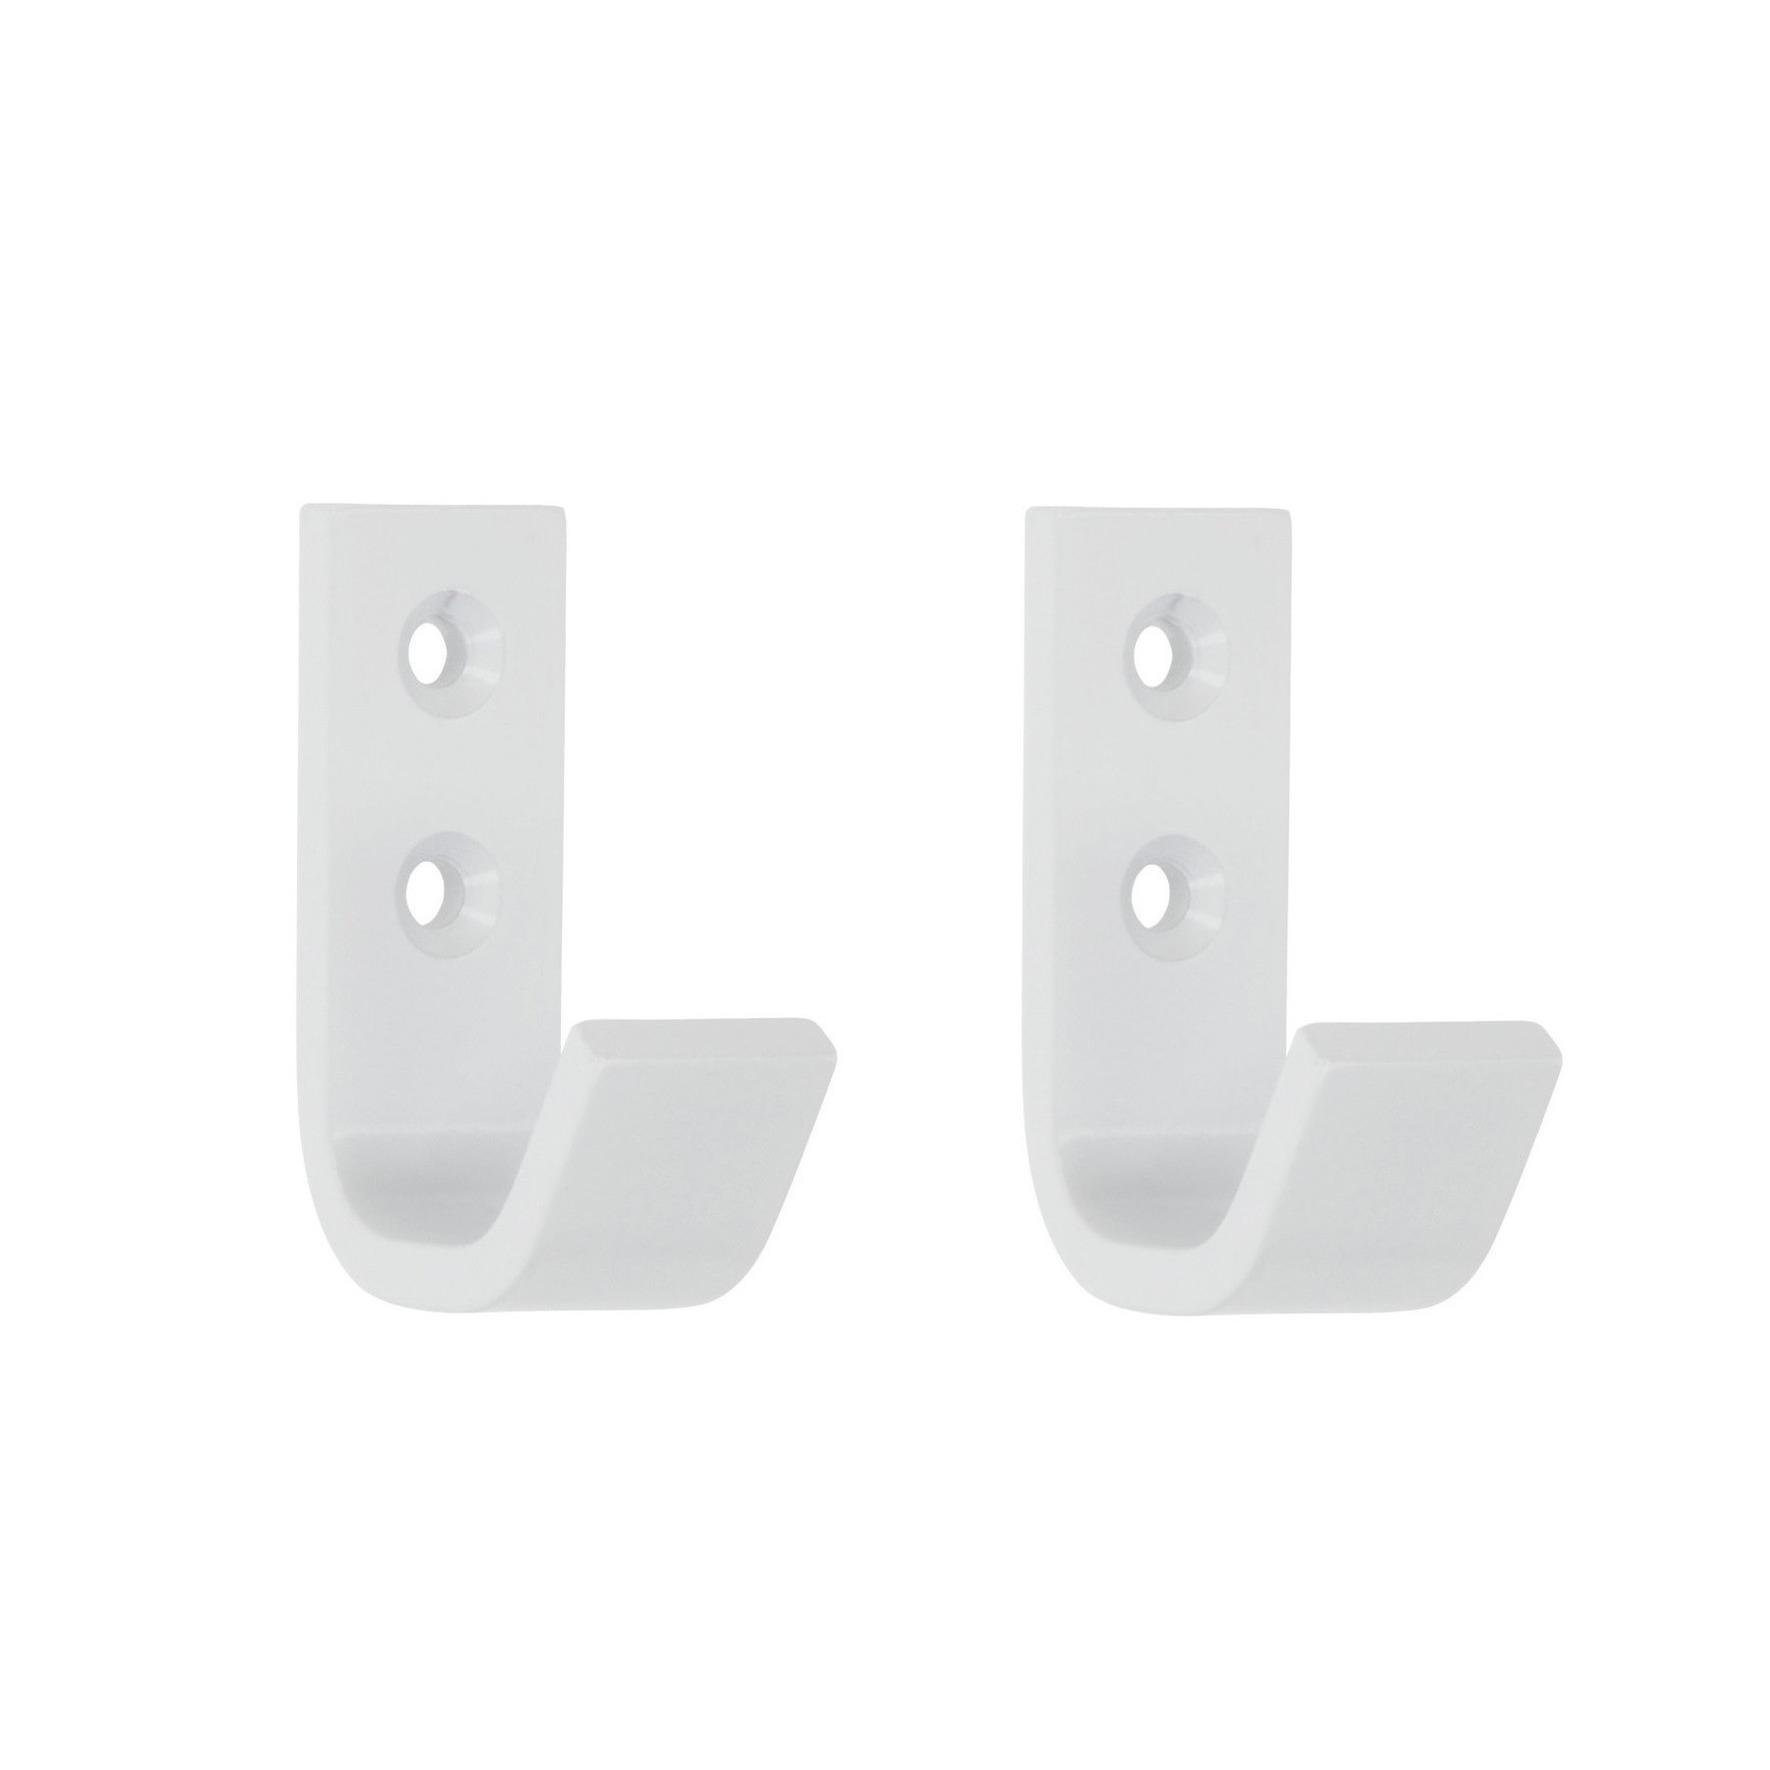 6x Luxe witte garderobe haakjes-jashaken-kapstokhaakjes hoogwaardig aluminium 5,4 x 3,7 cm